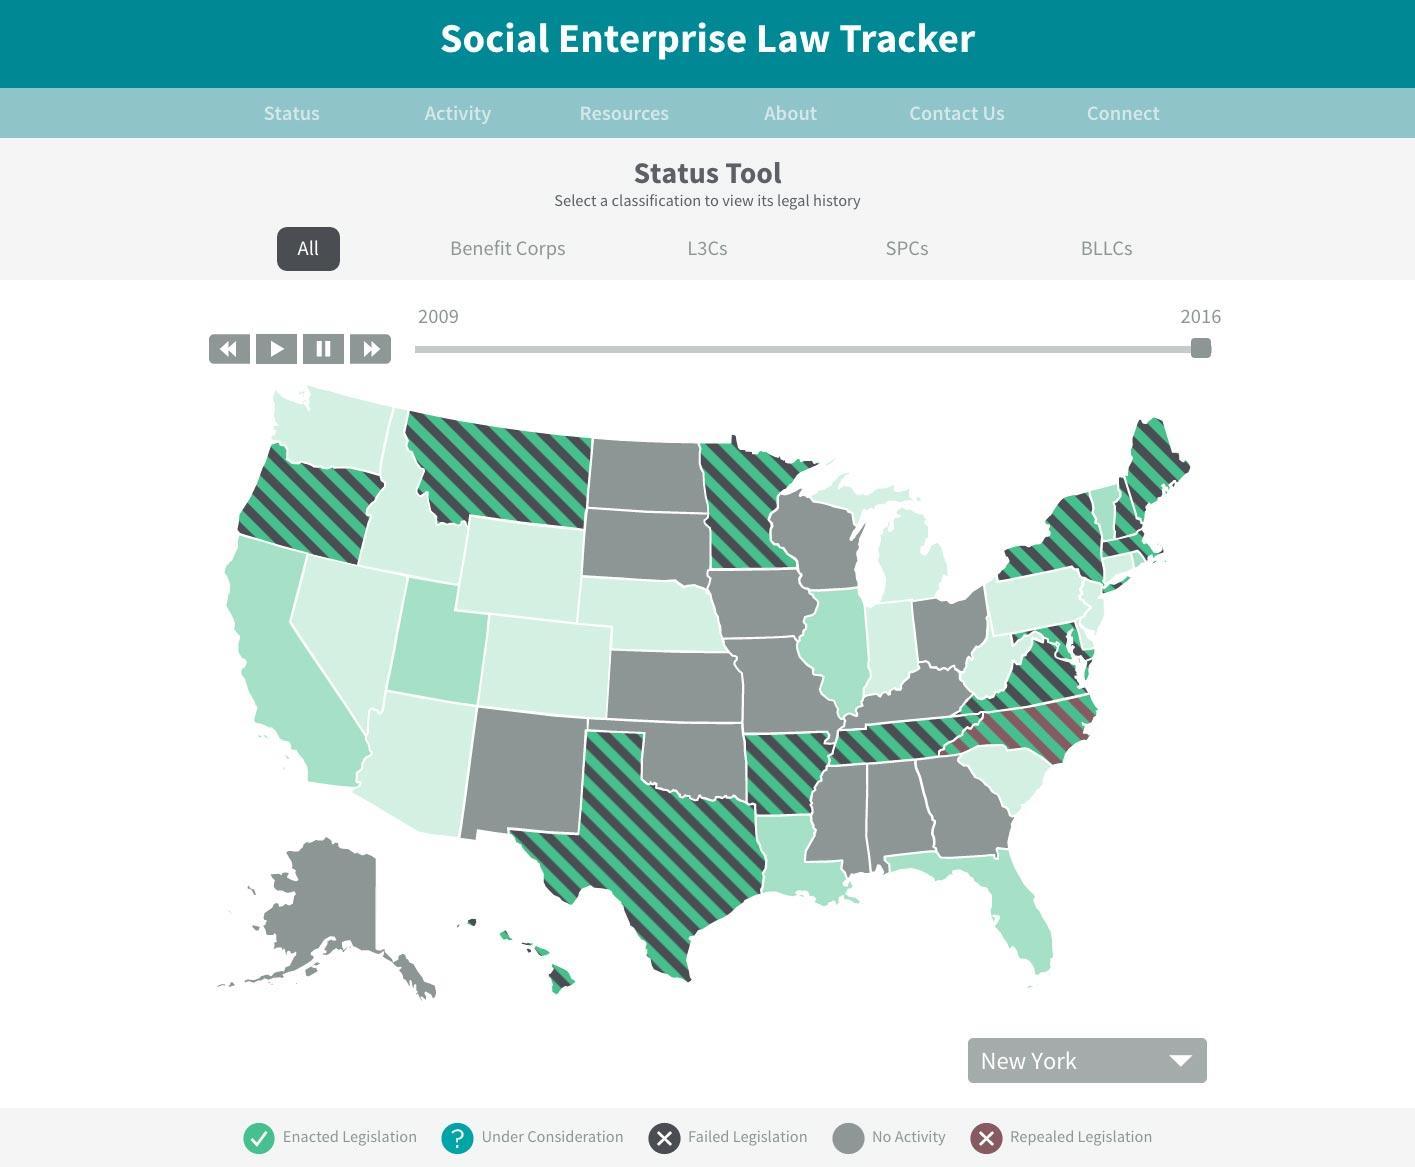 social-enterprise-law-tracker-01-large.jpg